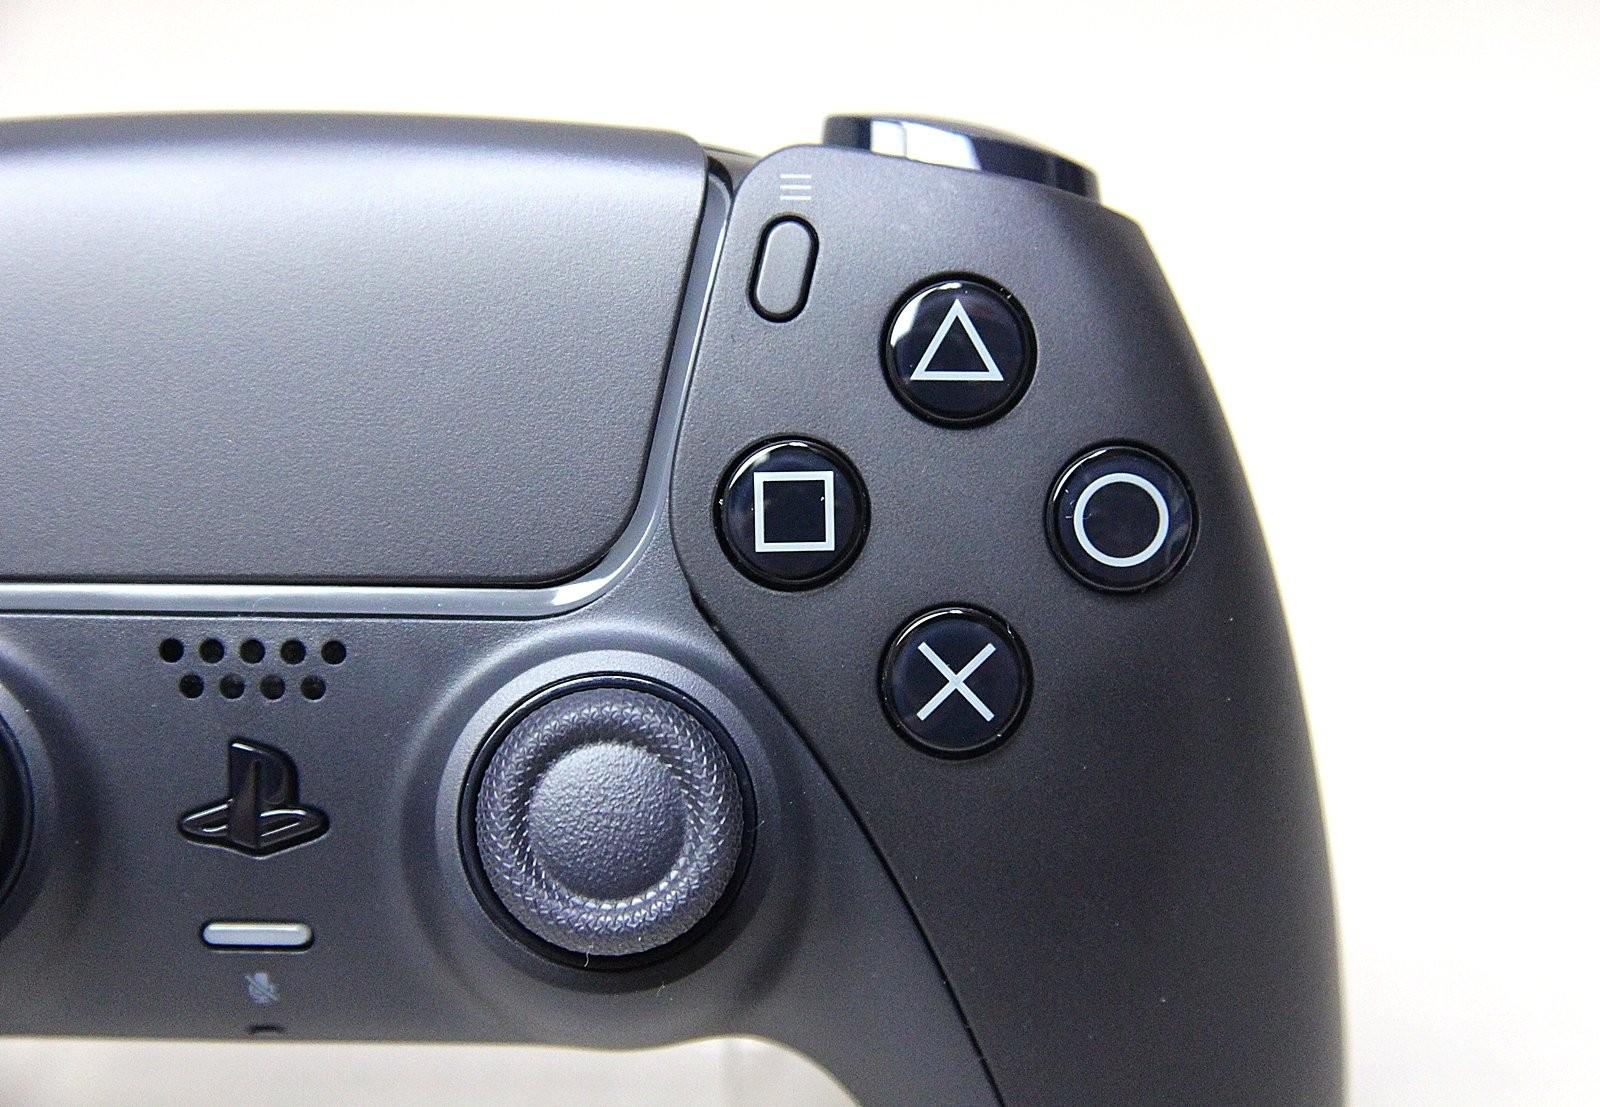 PS5手柄新色午夜黑和星辰红实物图曝光 更多细节展示